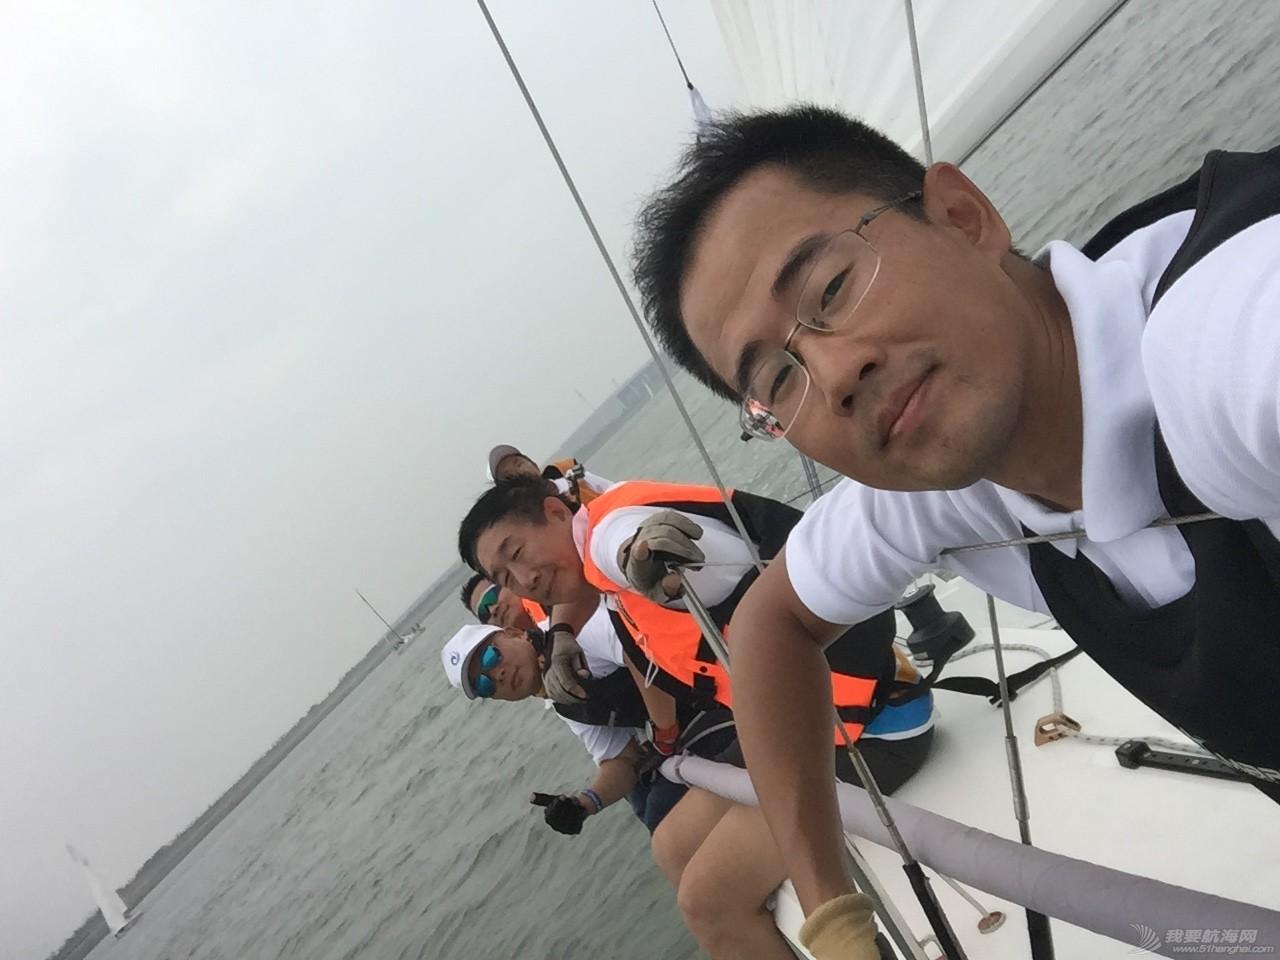 幸运,日照,水手,帆船运动,无人机 二次航海体验——通州湾杯帆赛3号船 IMG_8646.JPG